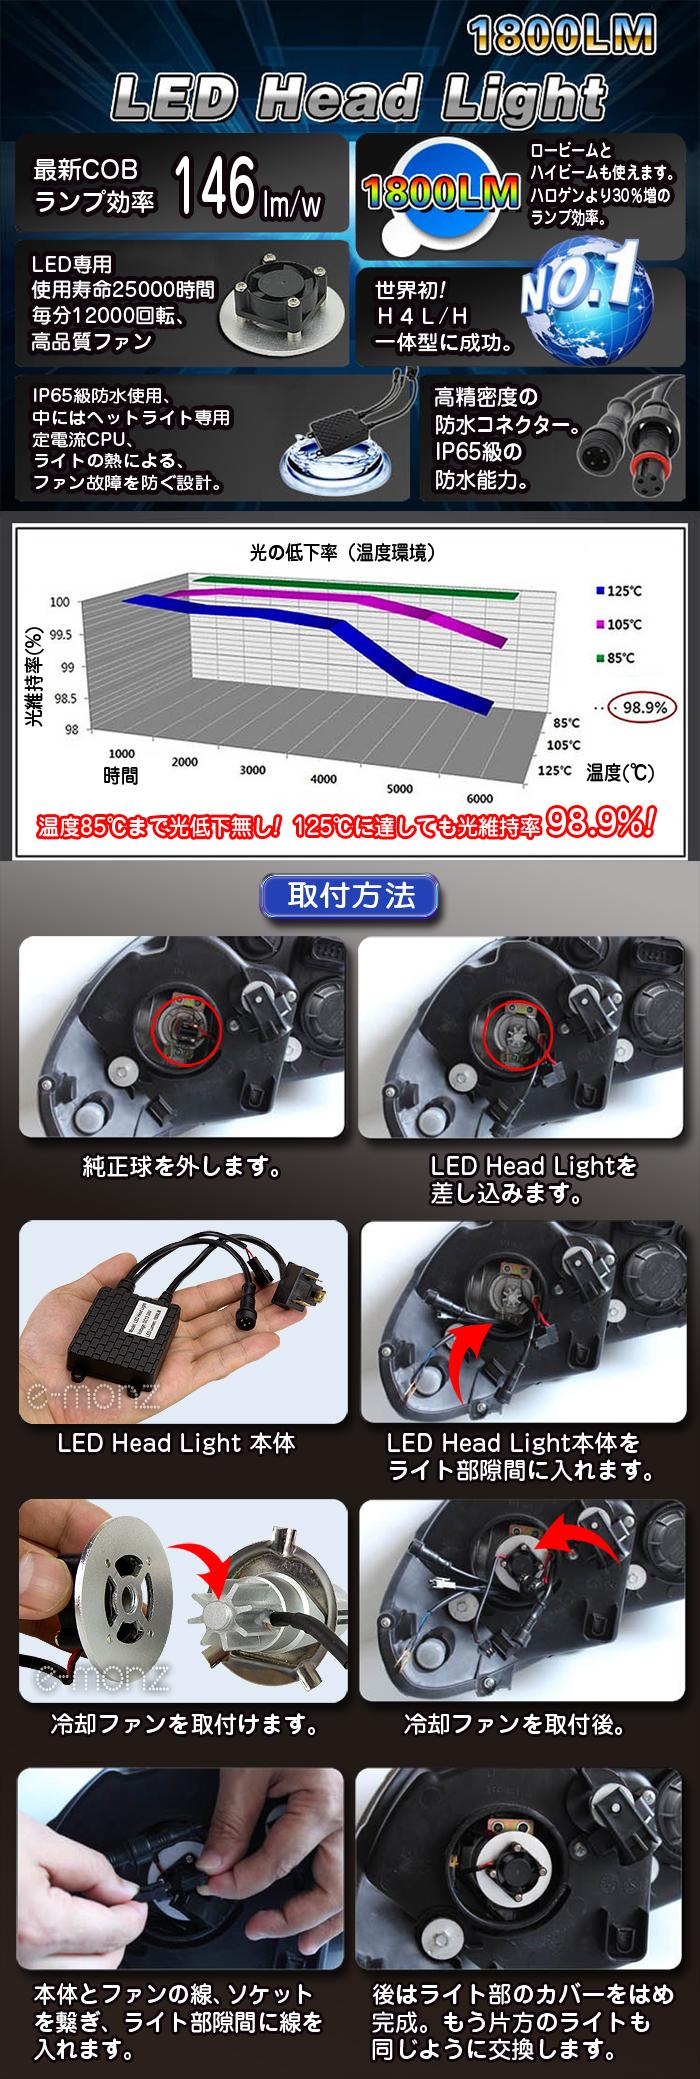 LEDヘッドライト用バルブ H4タイプ 取り付け方法